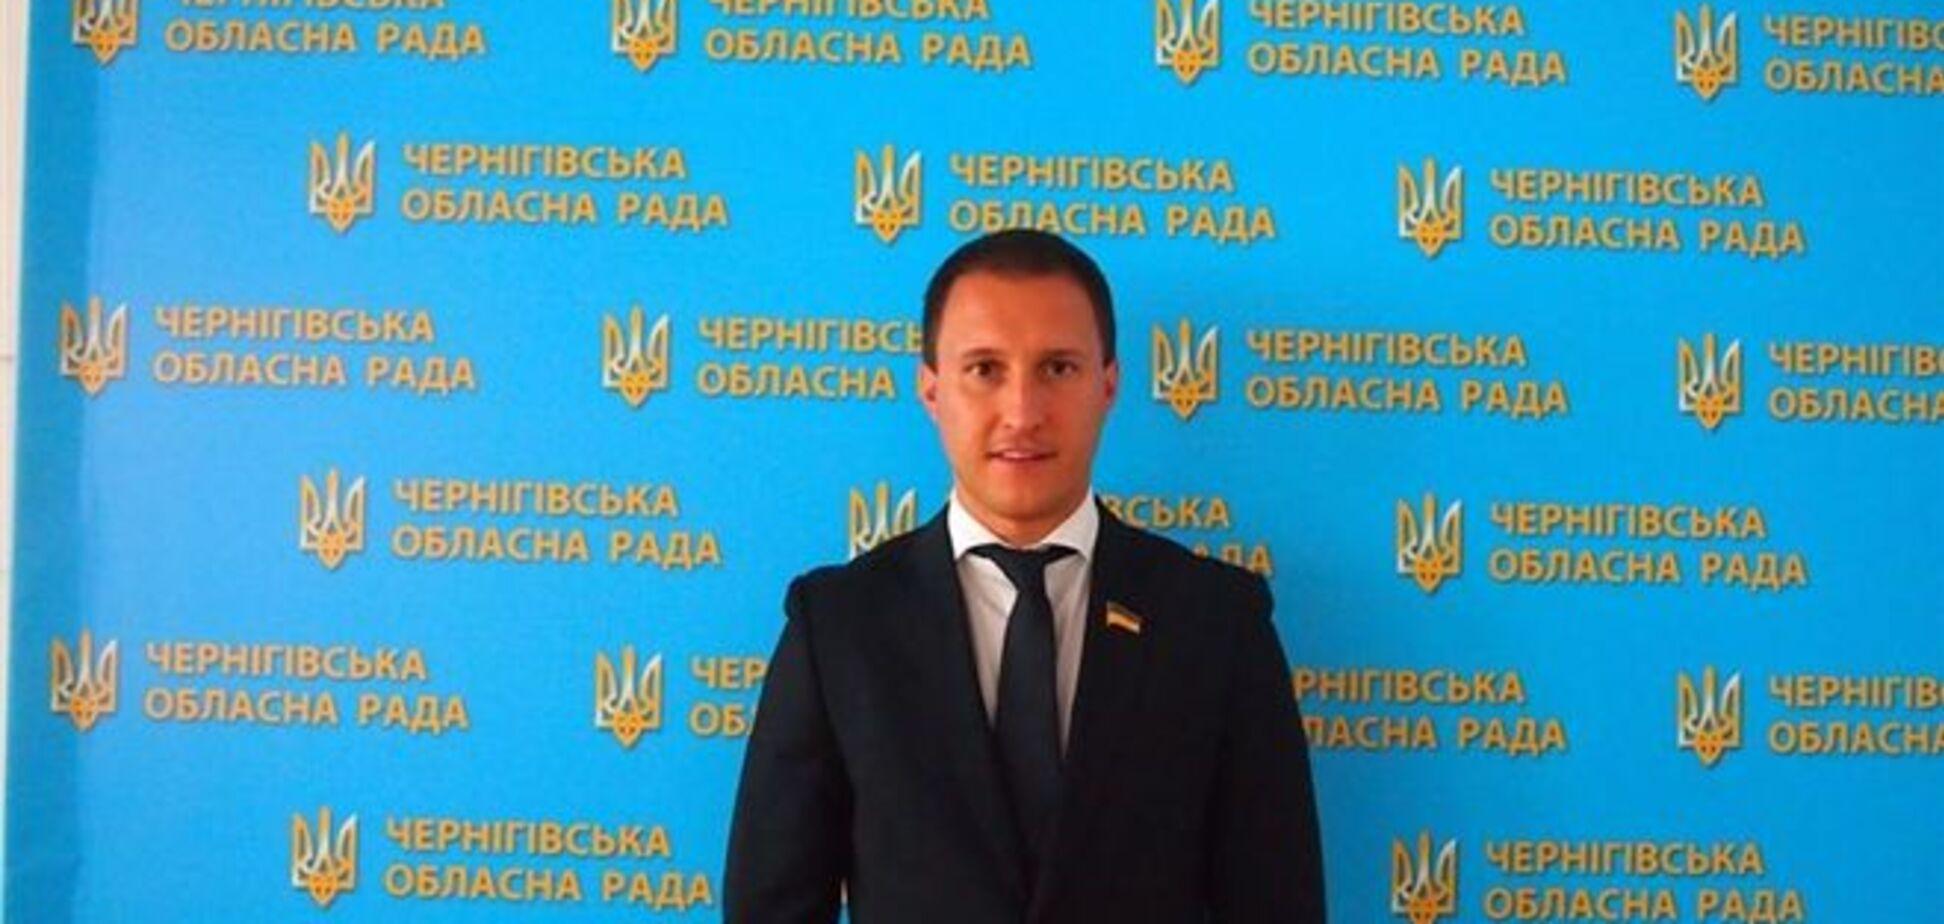 Побиття депутата в Києві: відкрито кримінальне провадження